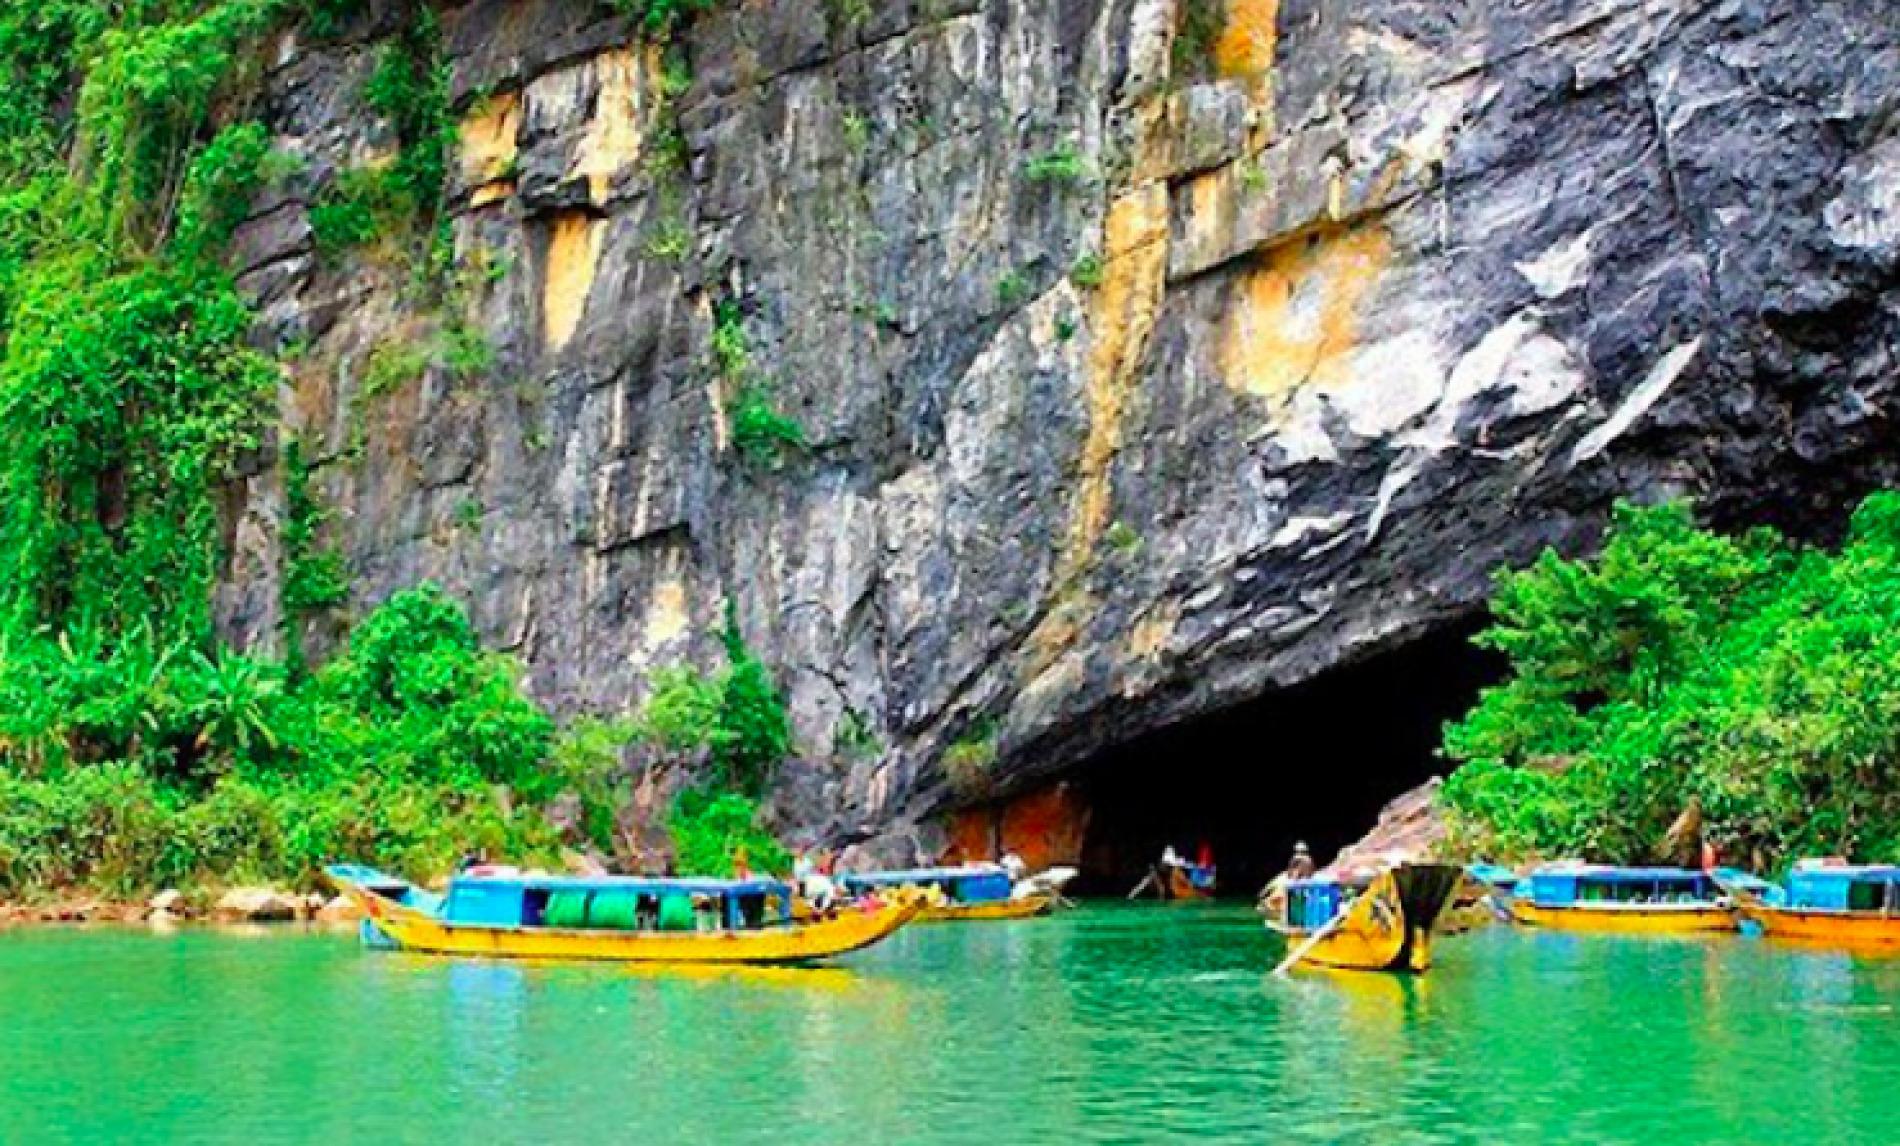 Excursion d'une journée dans le parc national de Phong Nha Ke Bang